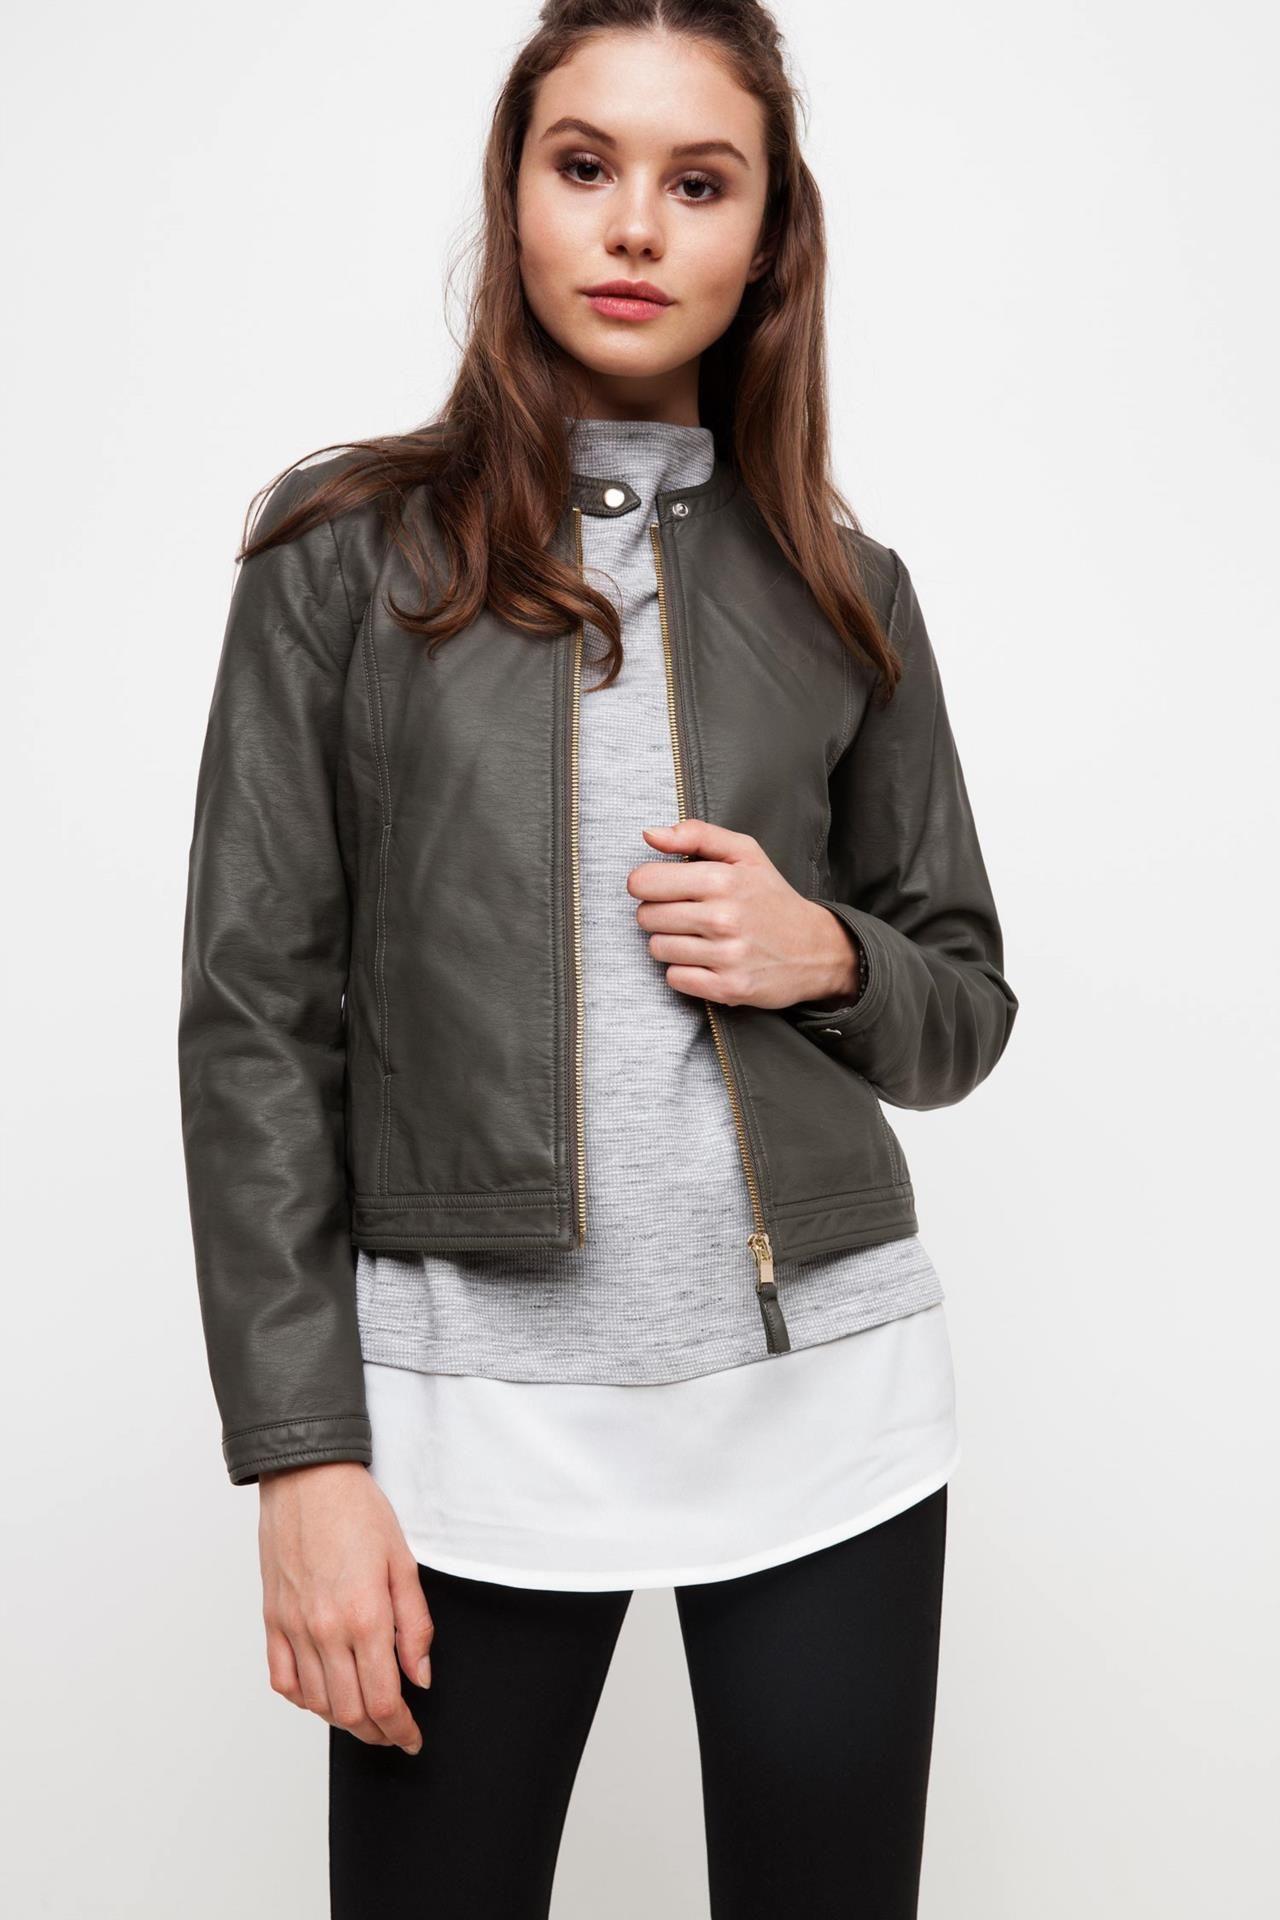 Defacto Marka Basic Suni Deri Ceket Trend Modeli Ile Sik Bir Tasarima Sahip Rahat Kalibi Ile Uzerinizde Fit Bir Gorunu Fashion Varsity Jacket Bomber Jacket